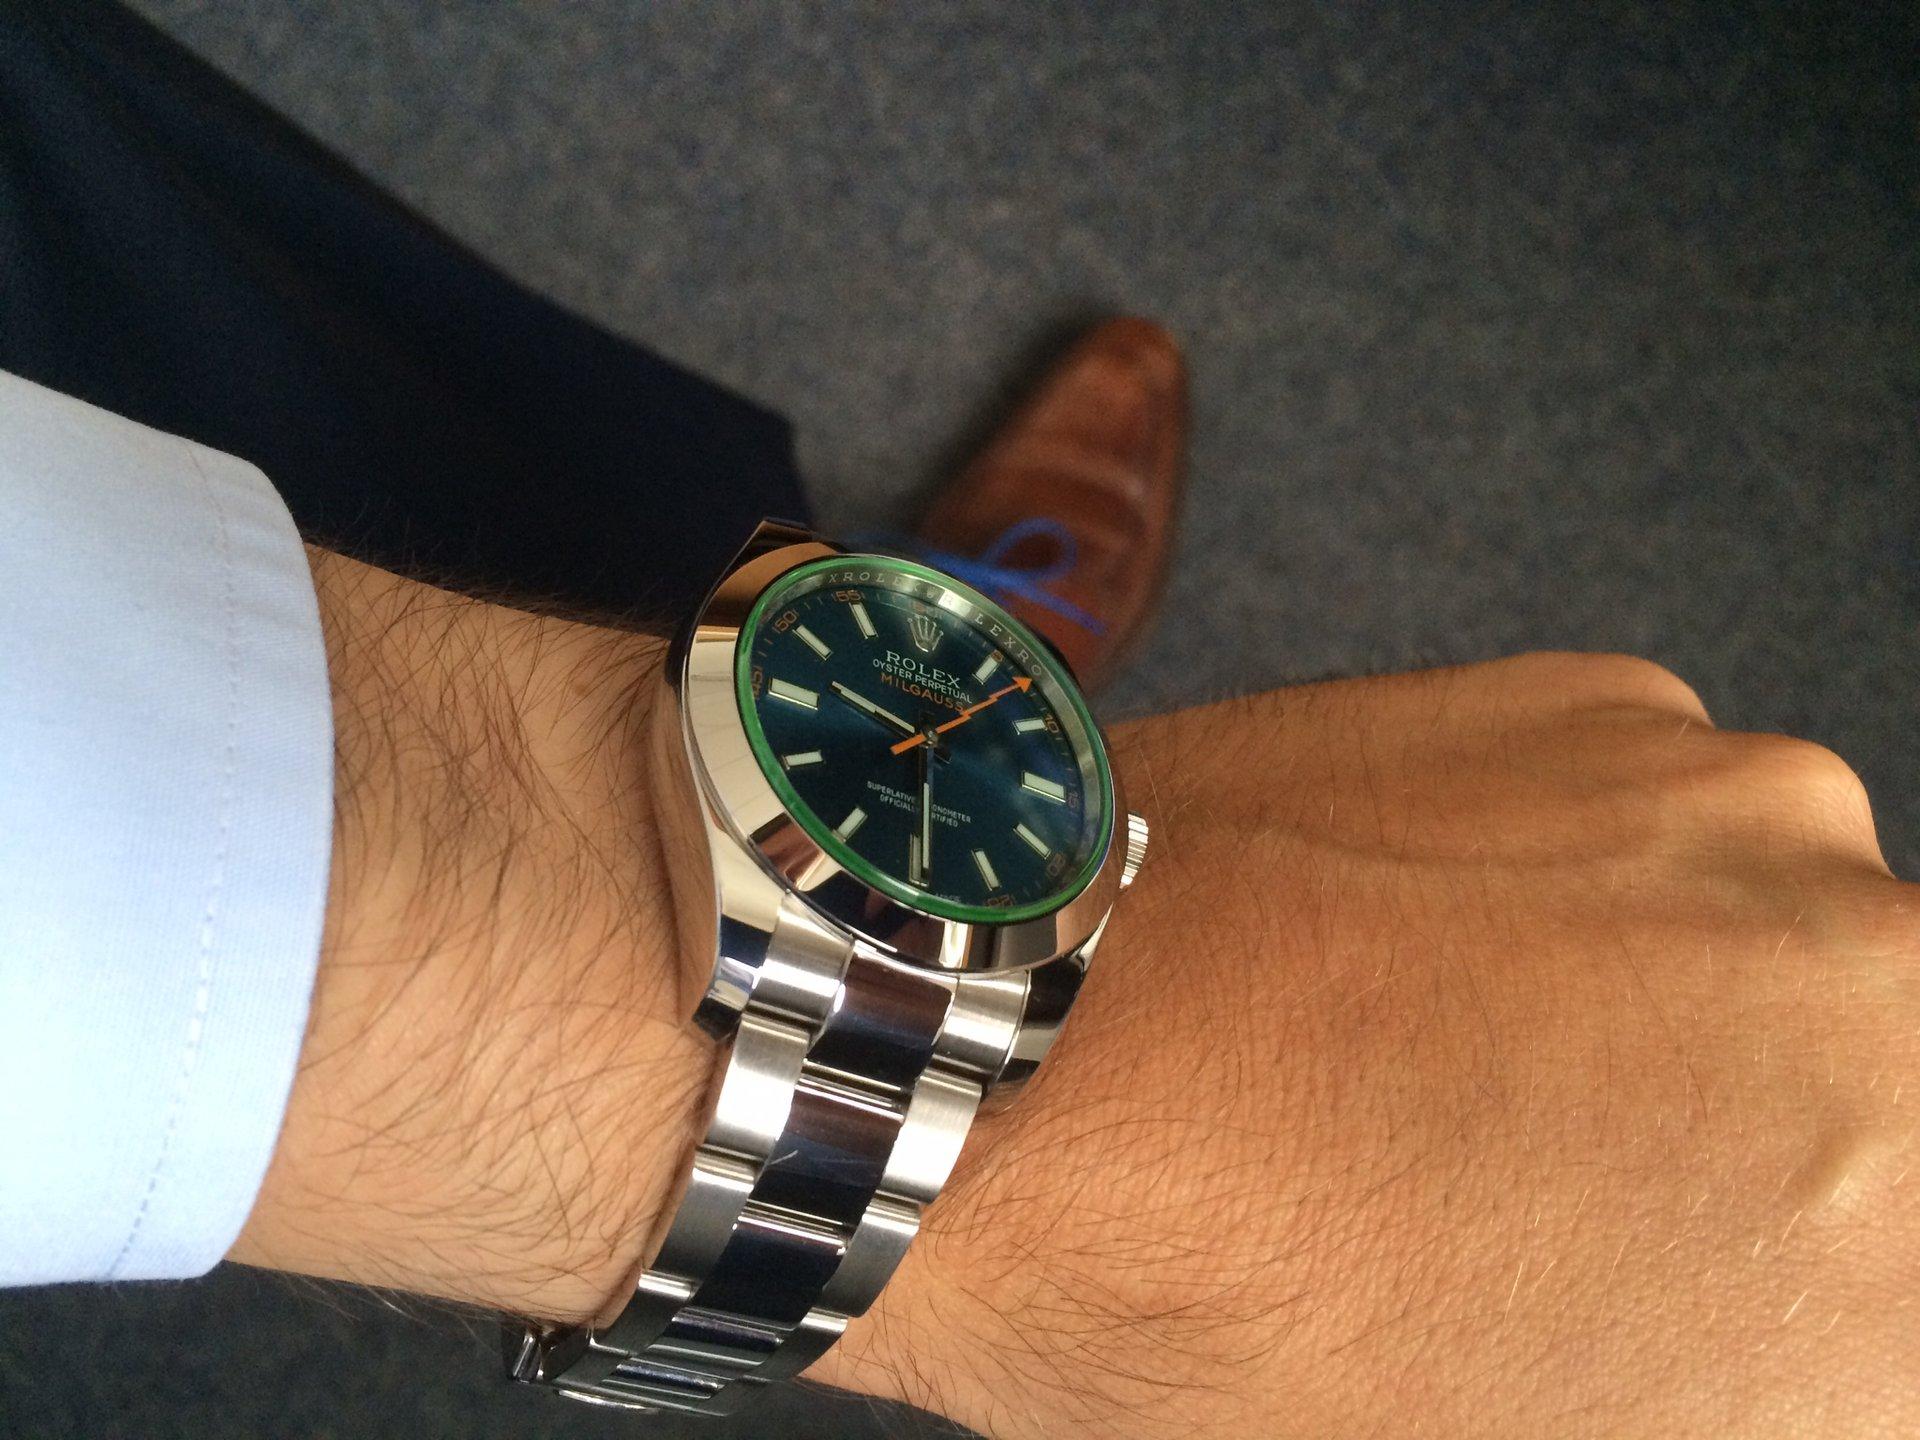 Rolex Milgauss 116400gv Z Blau Uhrforum Seite 3